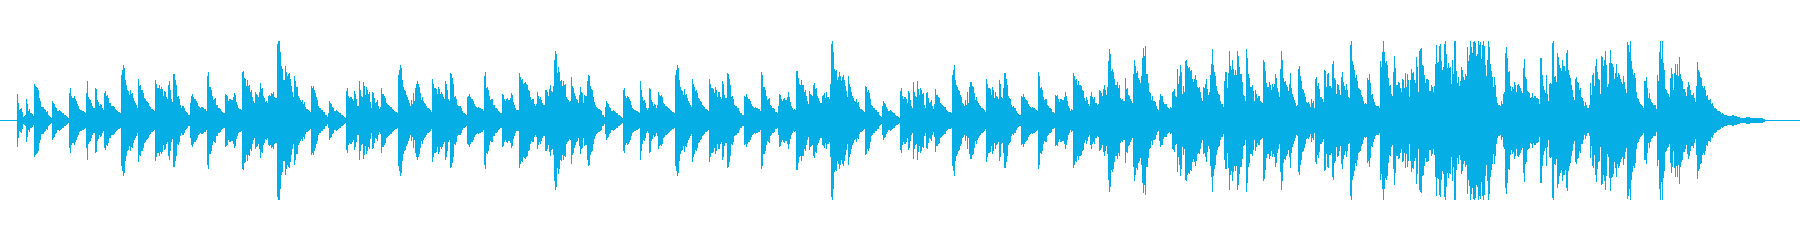 優しく柔らかいピアノBGMの再生済みの波形